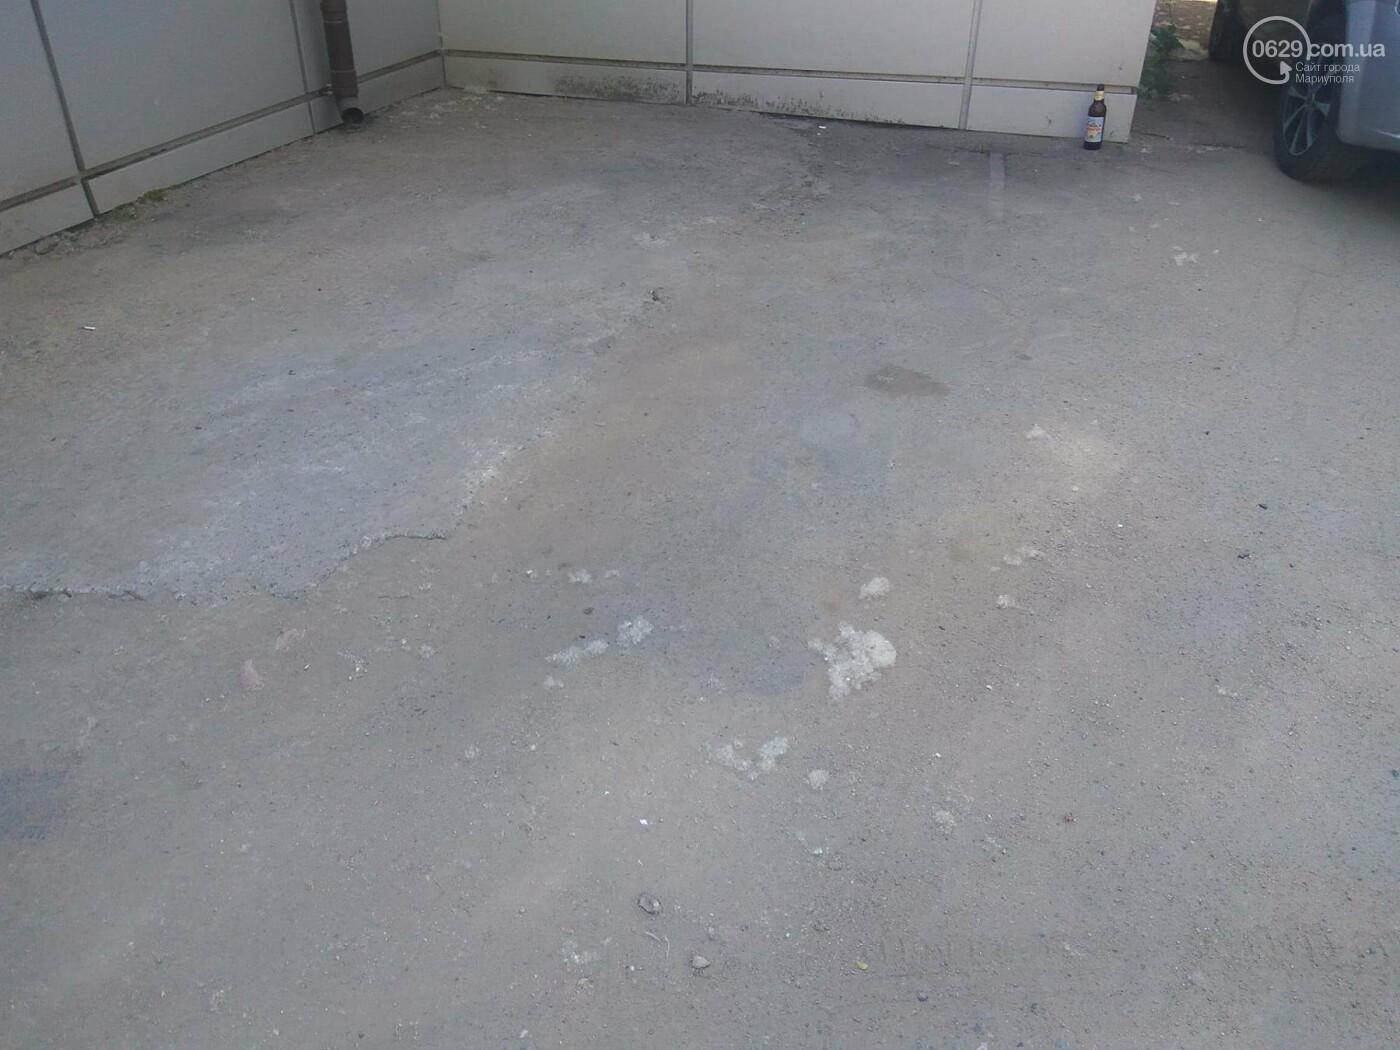 В Мариуполе раньше времени появился тополиный пух (Фотофакт), фото-5